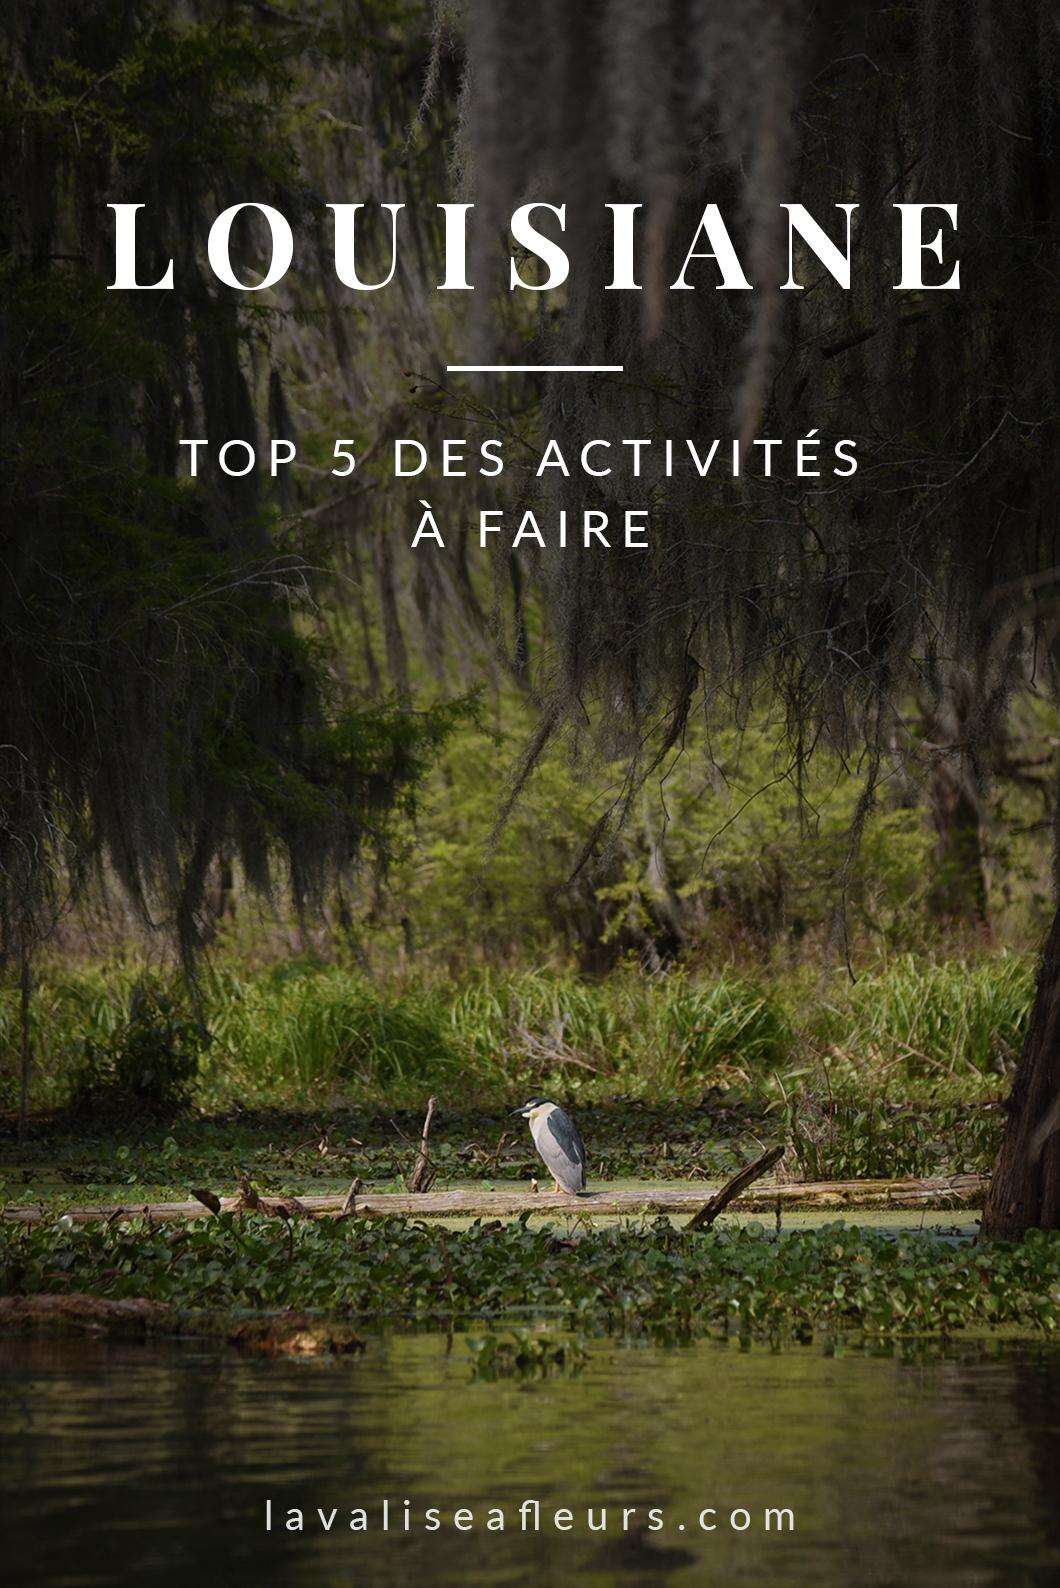 Top 5 des activités à faire en Louisiane